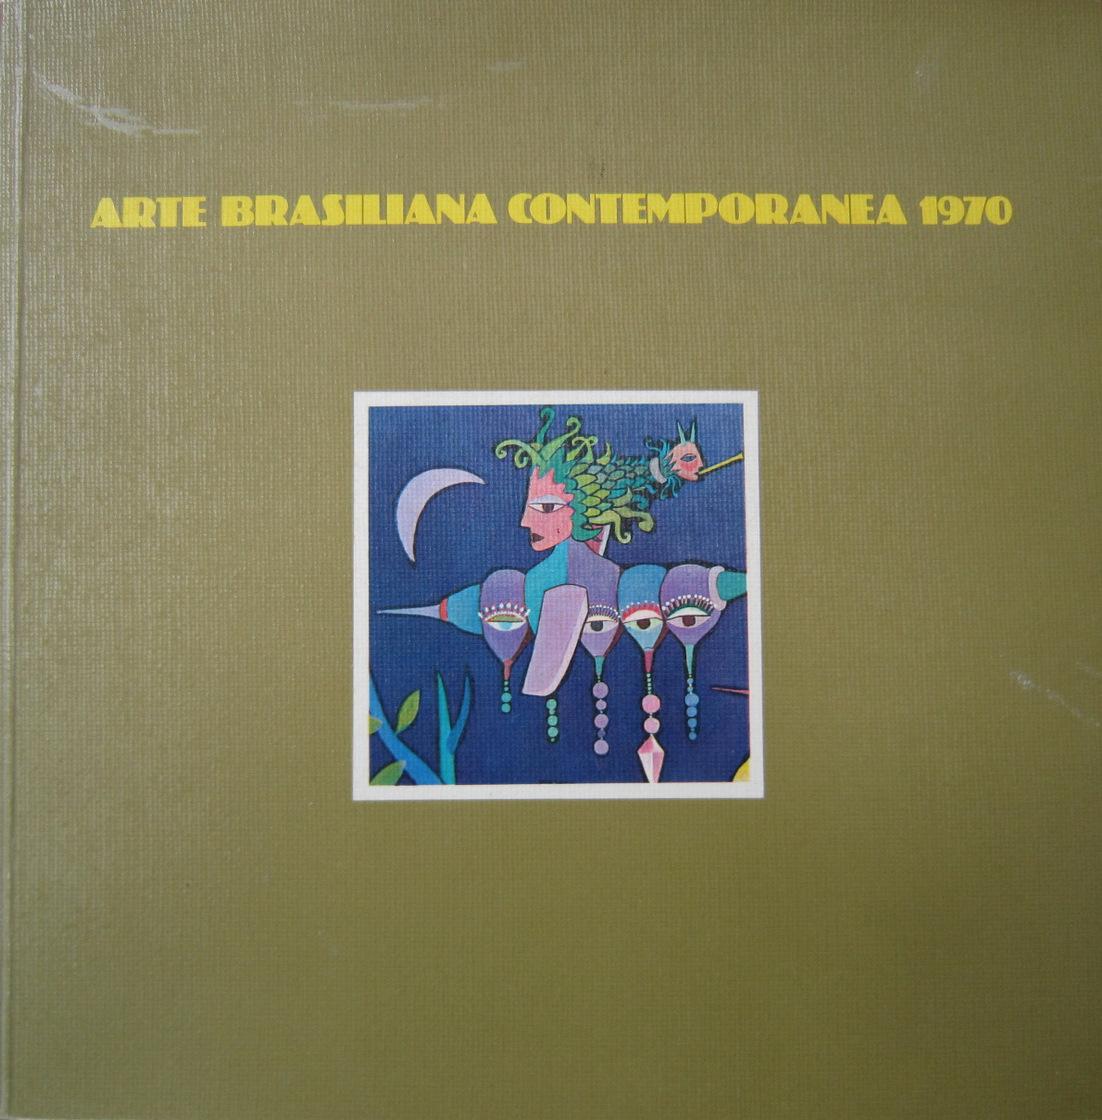 Arte brasiliana contemporanea 1970